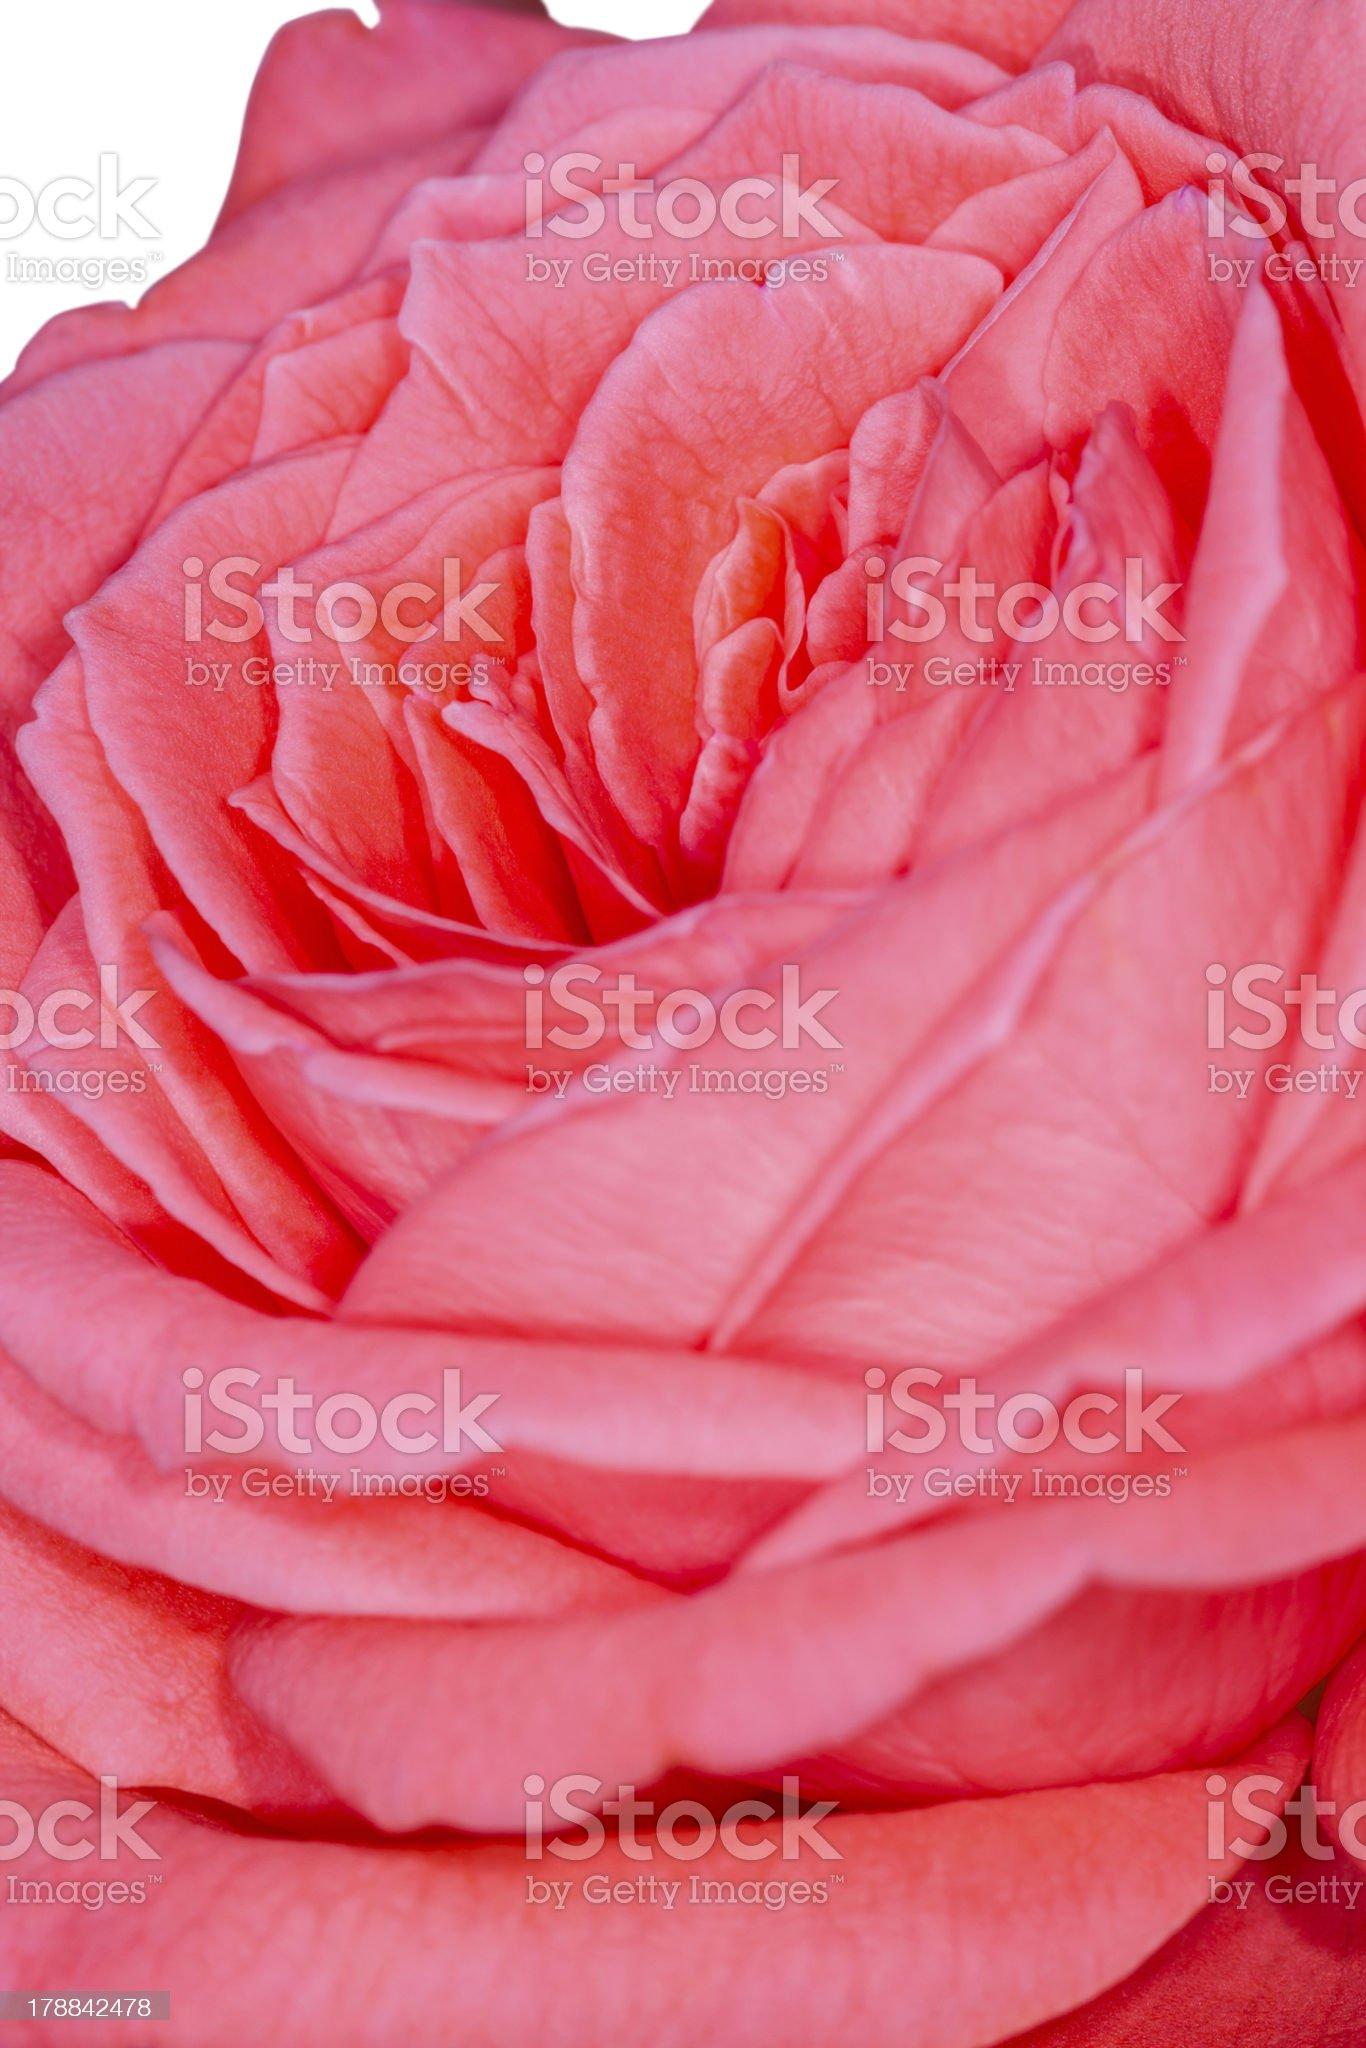 Pink rose macro royalty-free stock photo